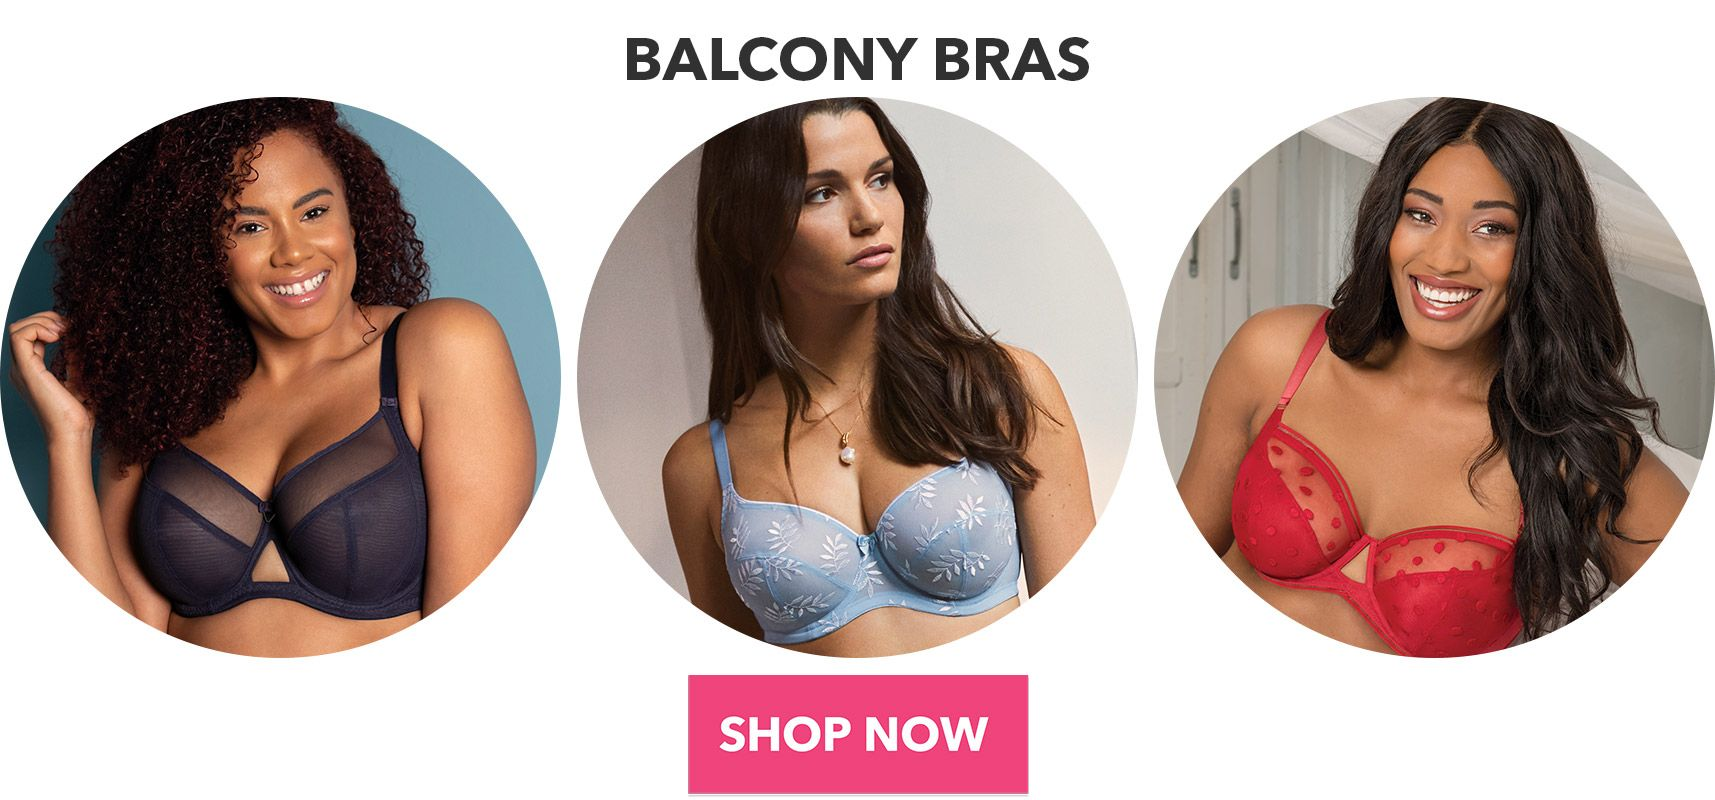 balcony bra shop now